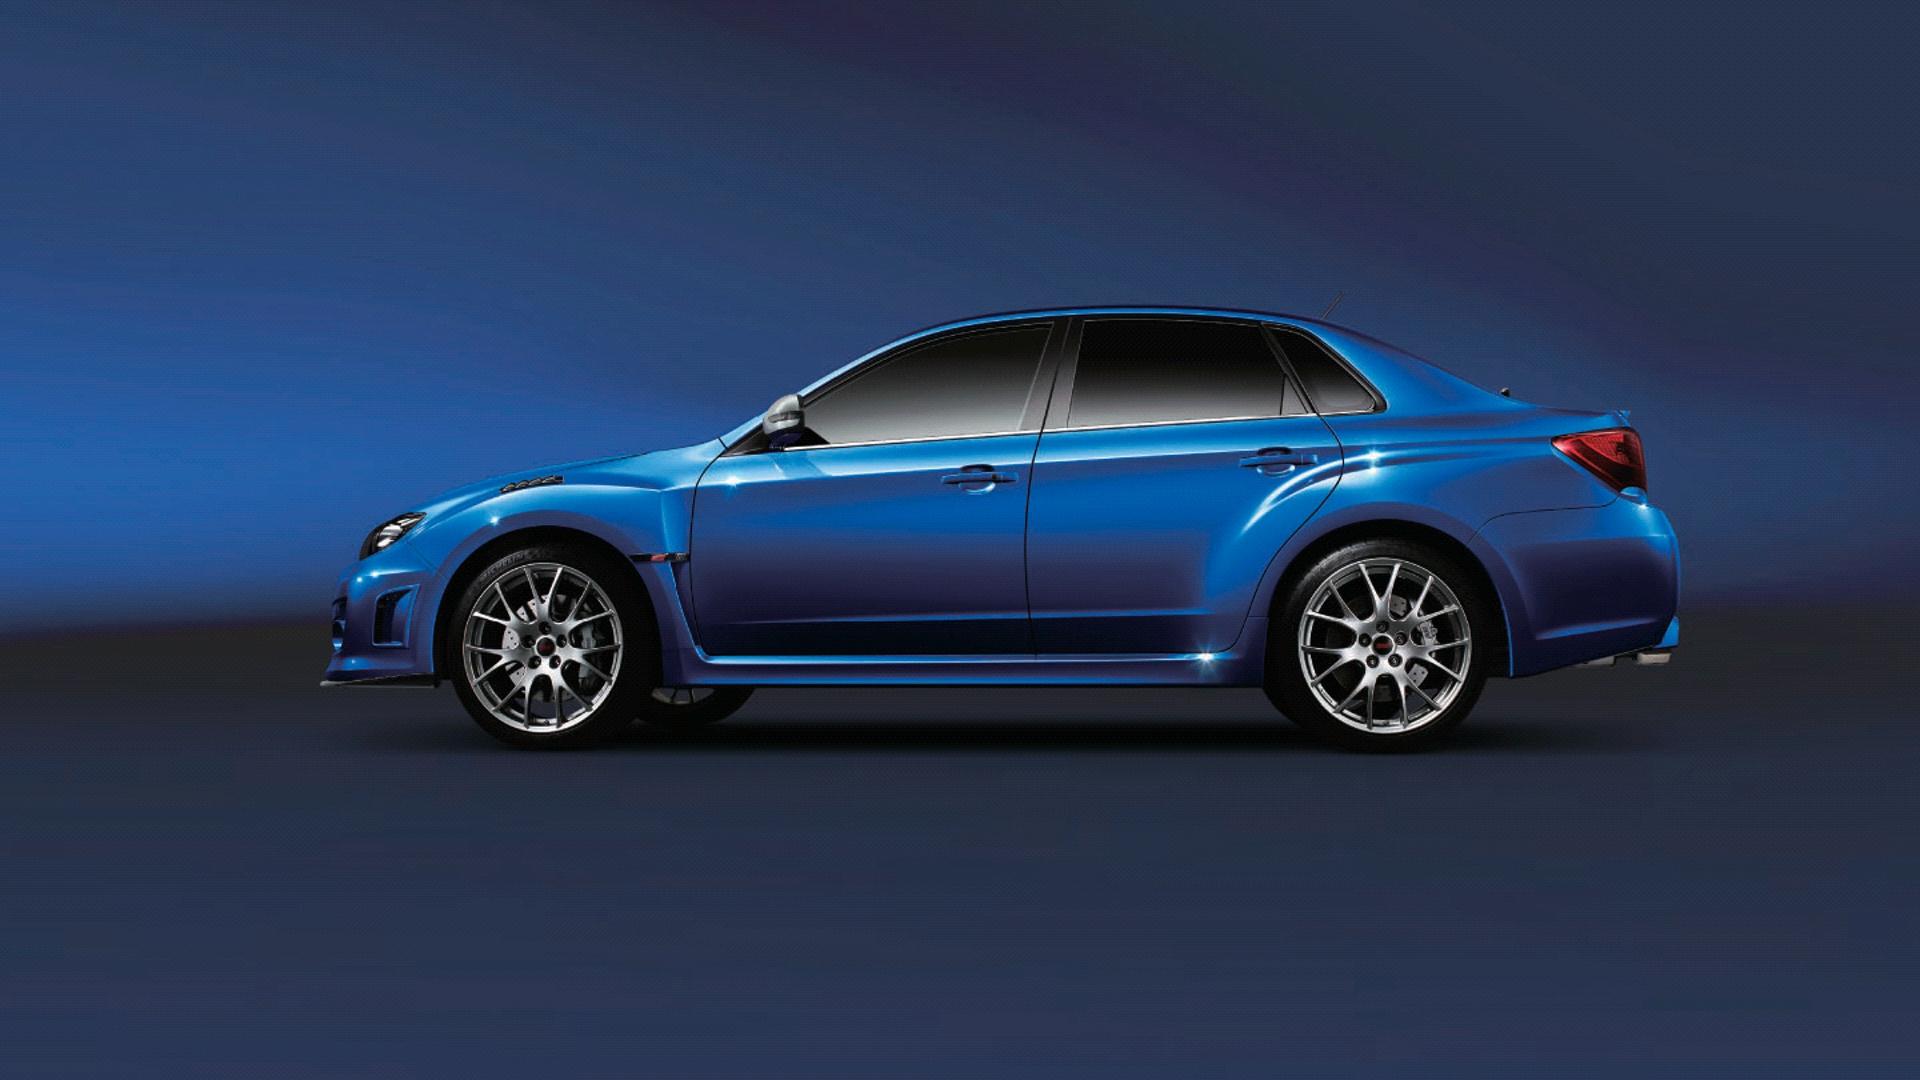 Subaru_Impreza_STI_S206_0035